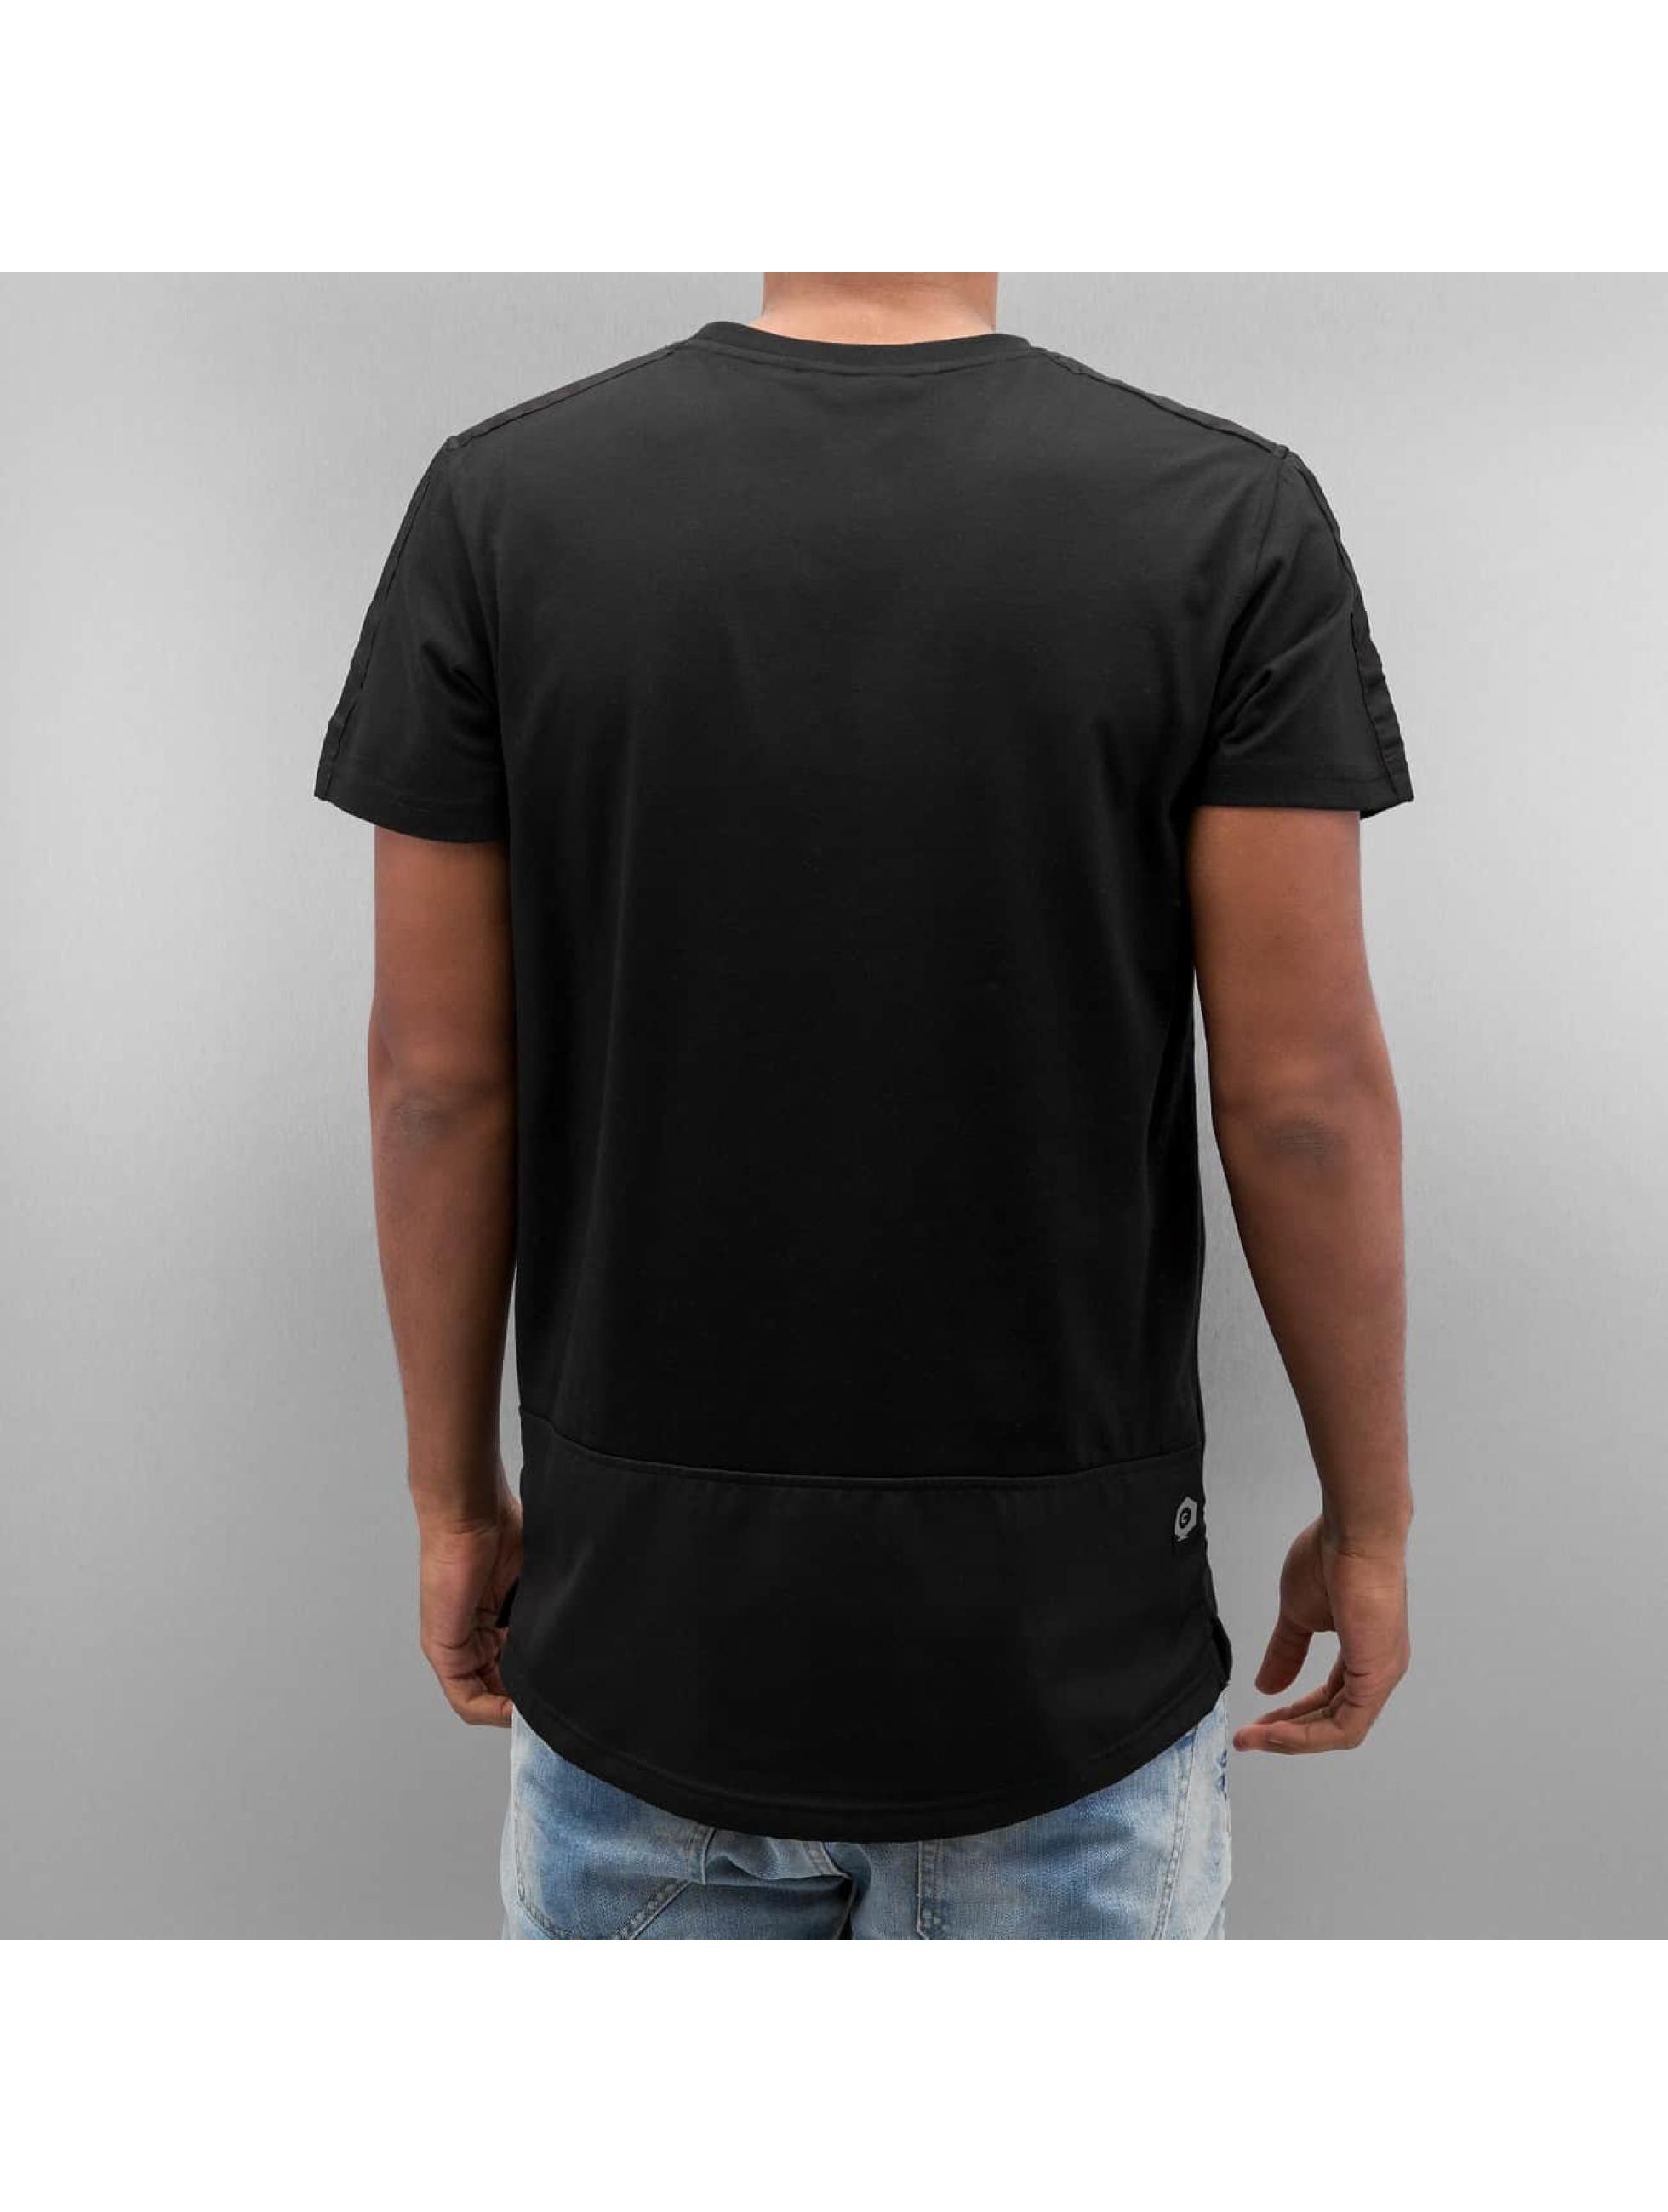 Jack & Jones T-Shirt jjcoBlackfriars noir